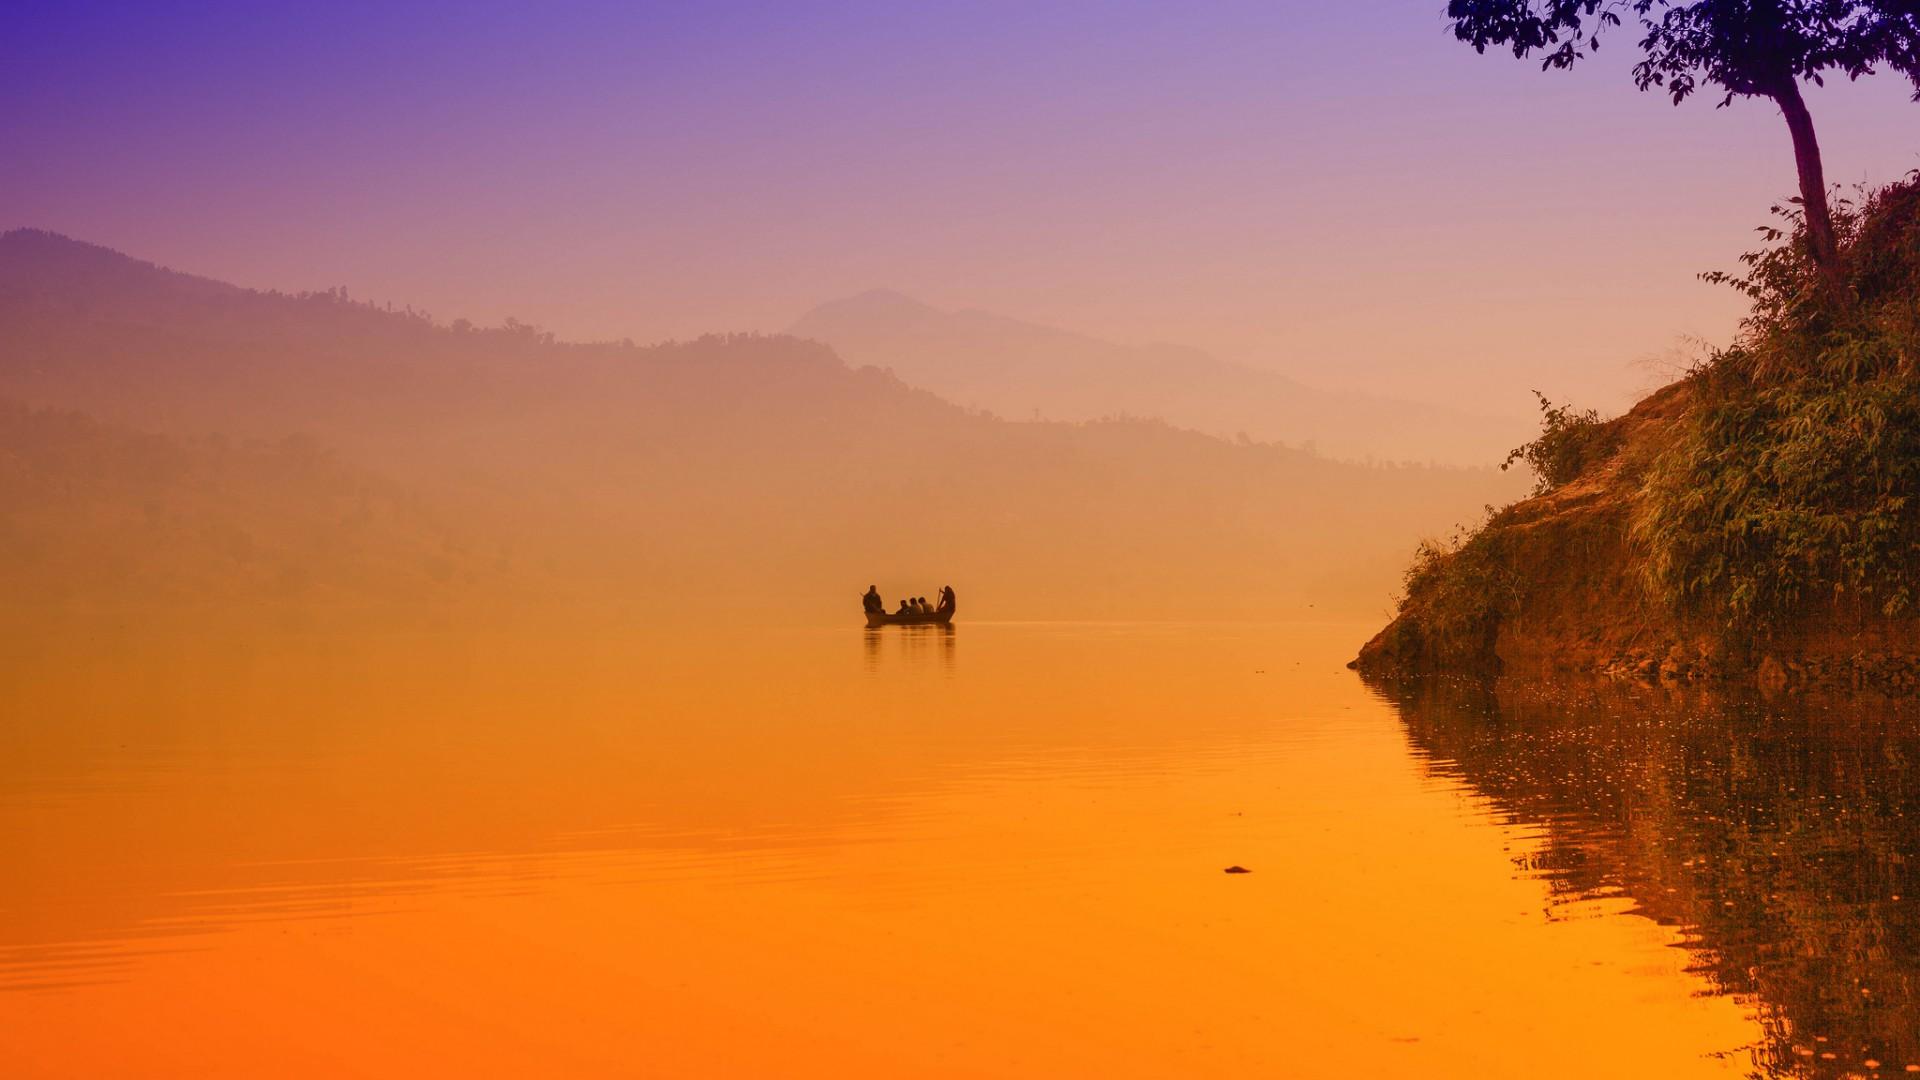 nepal high definition wallpaper 020619773 168jpg 1920x1080